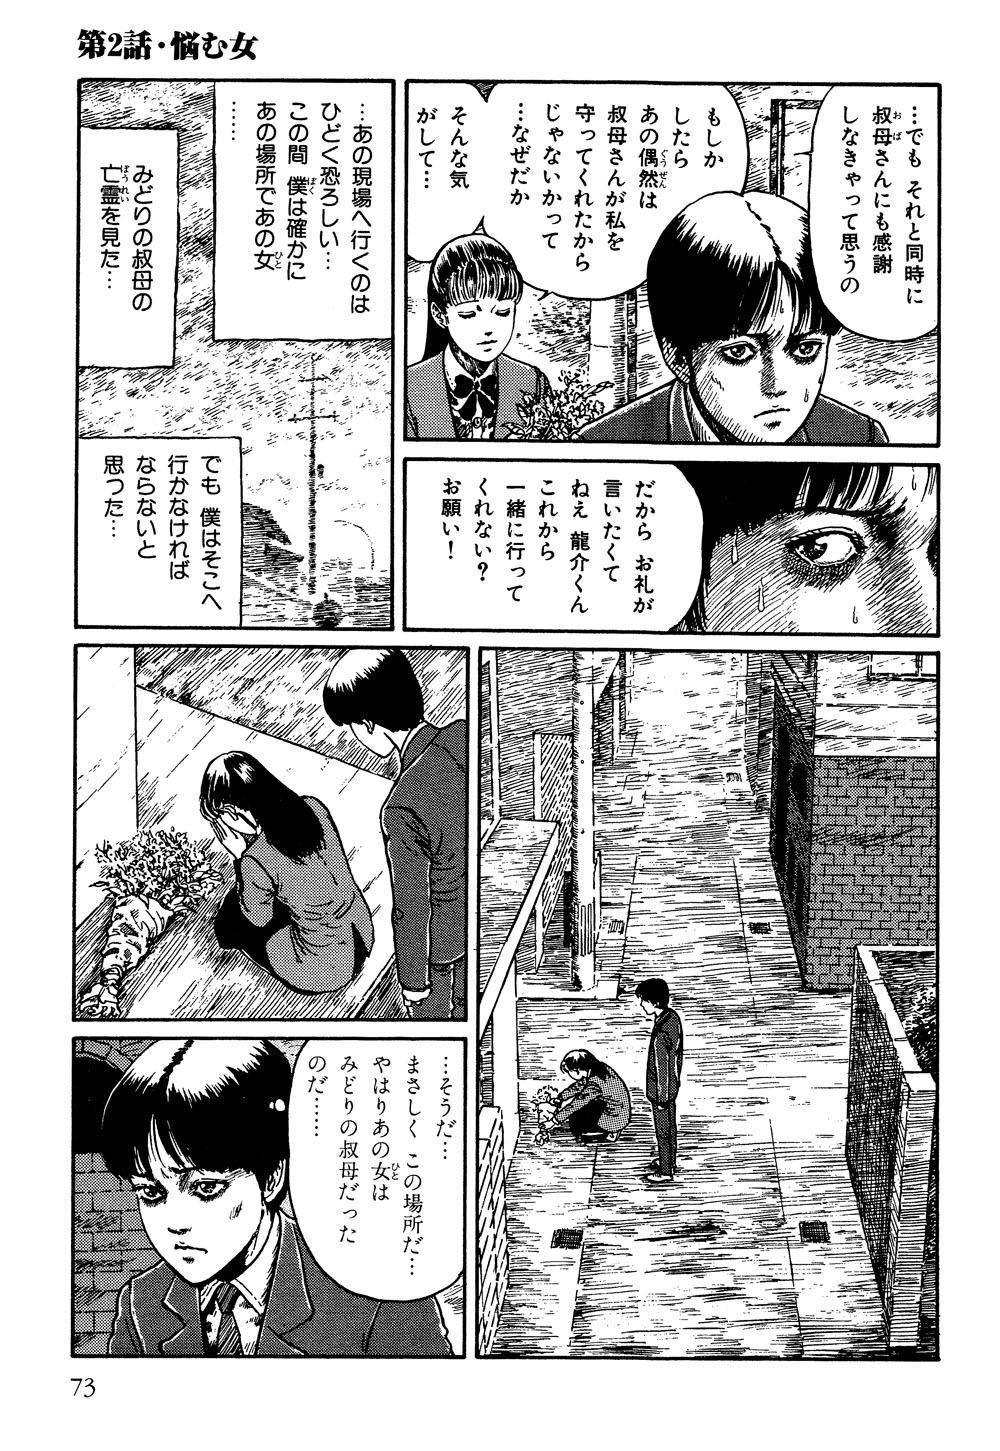 itouj_0004_0075.jpg